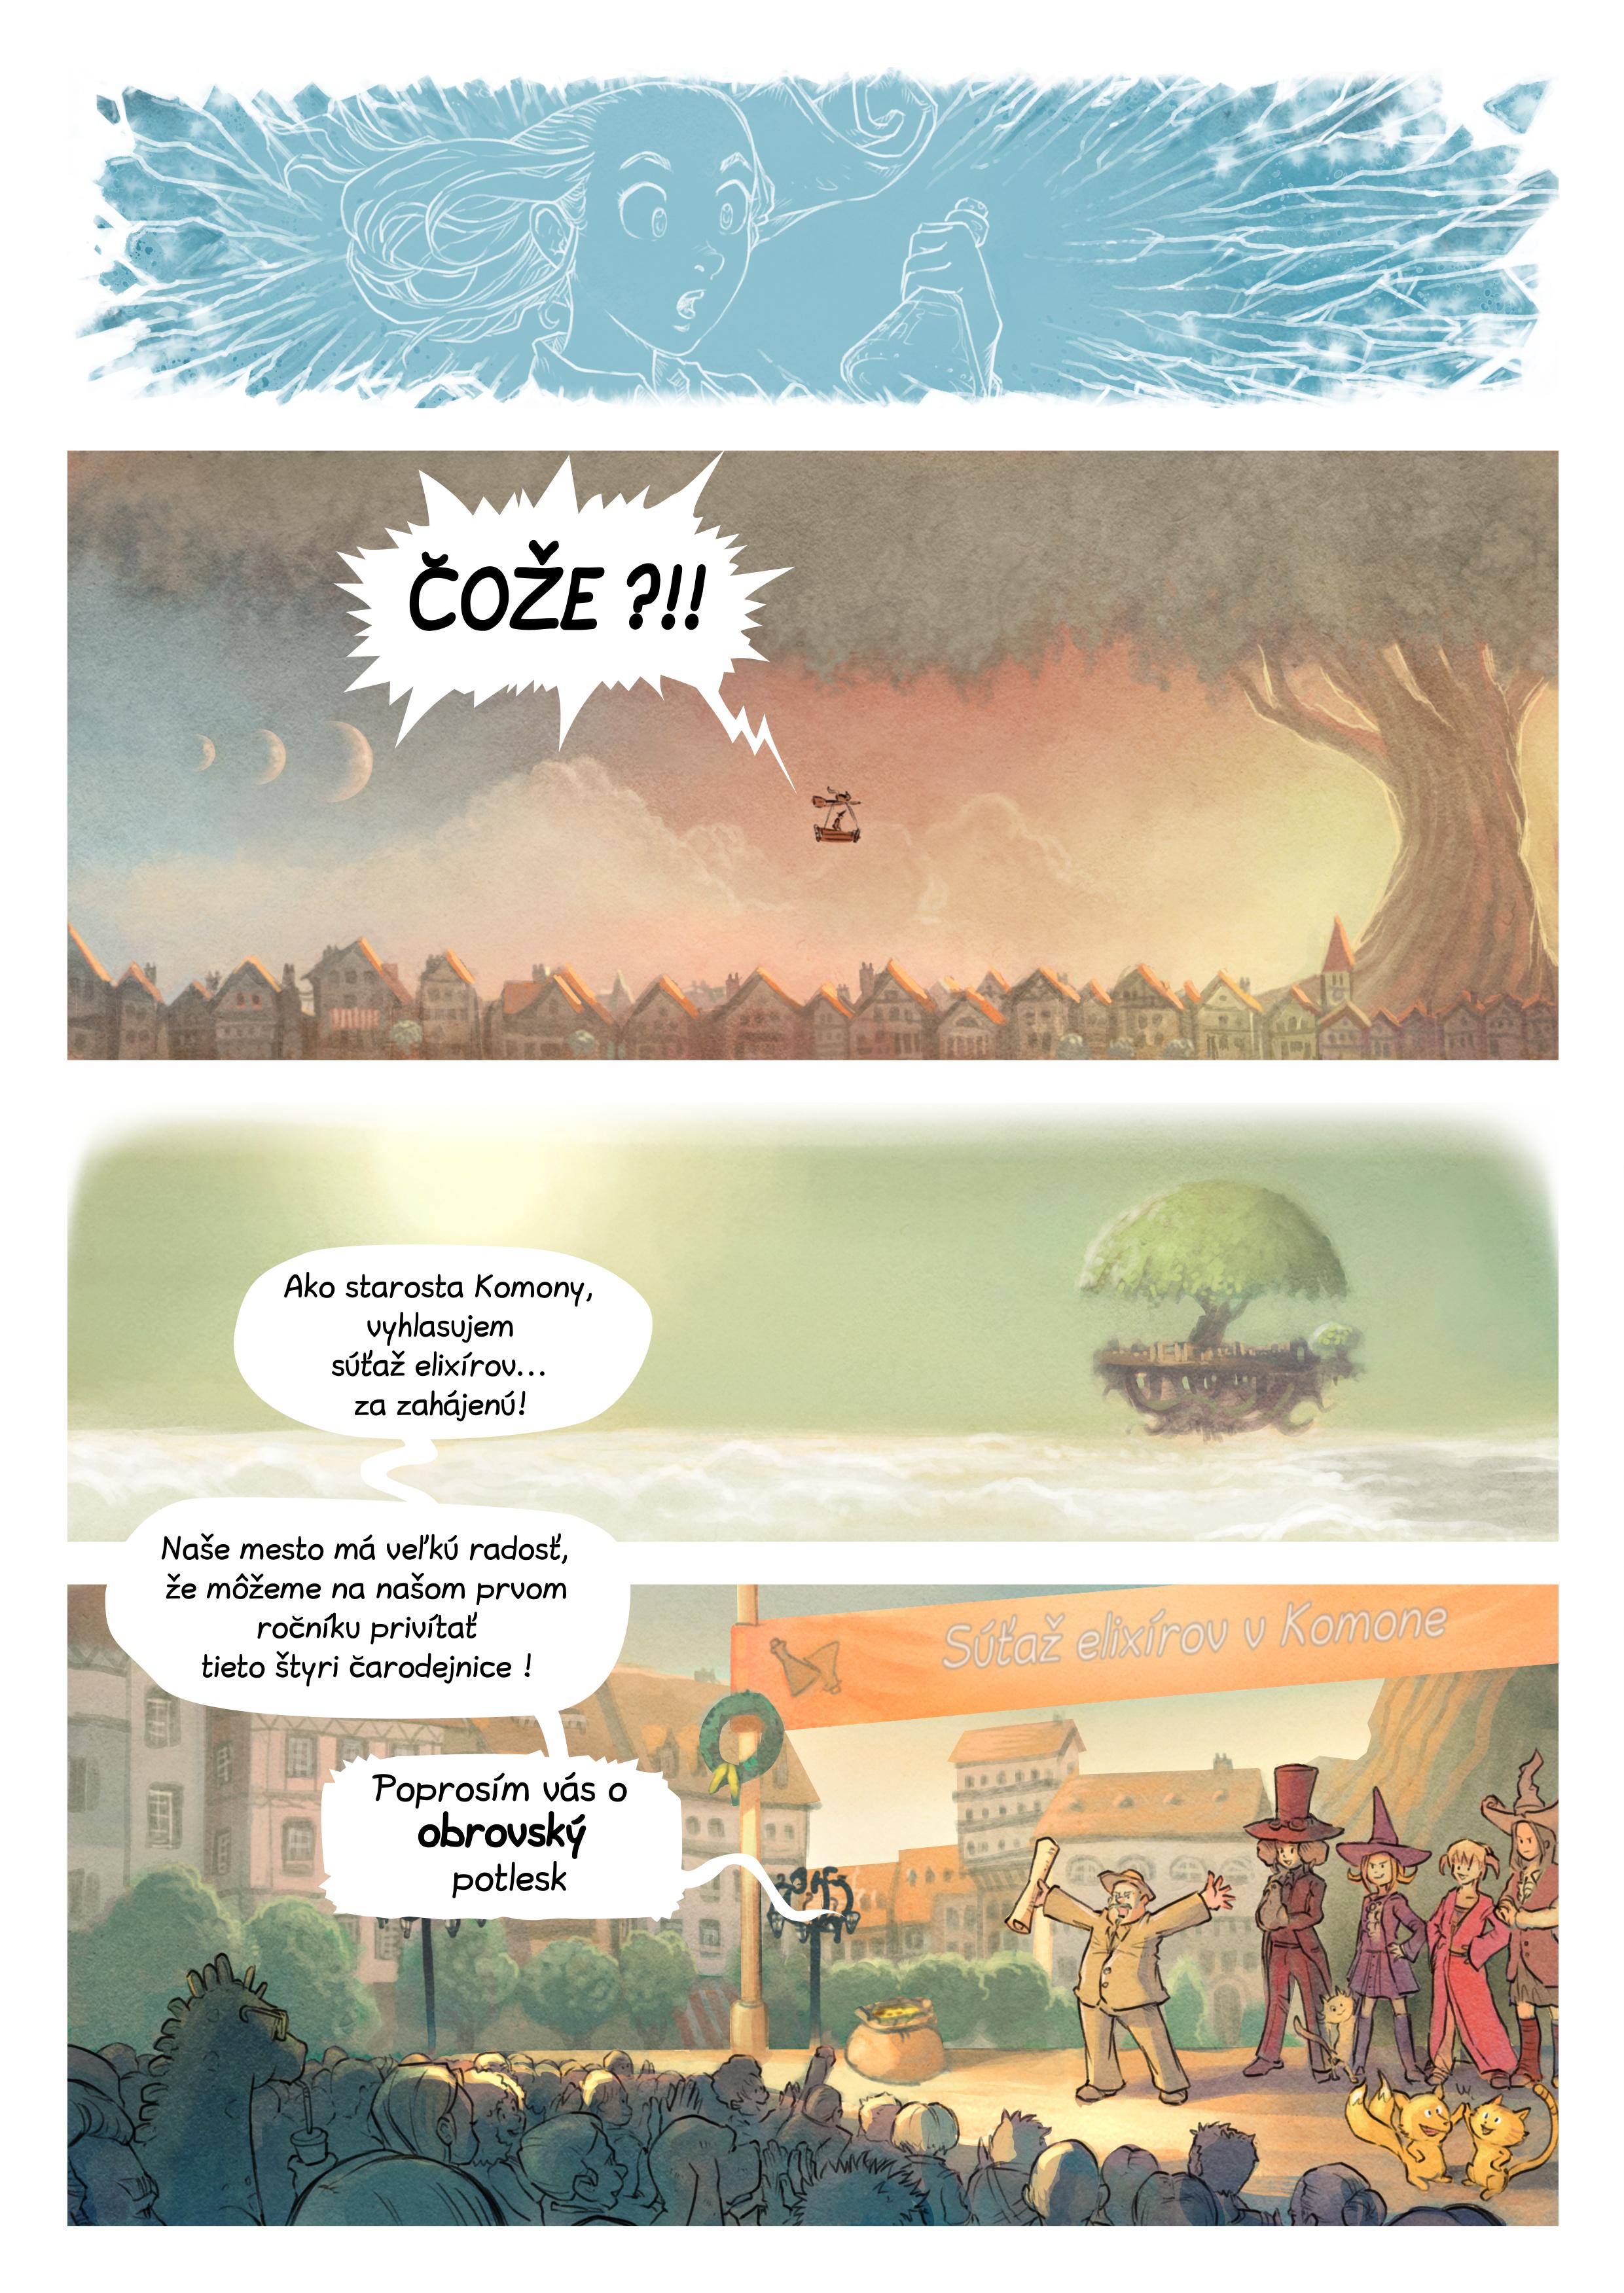 Epizóda 6: Súťaž elixírov, Page 3